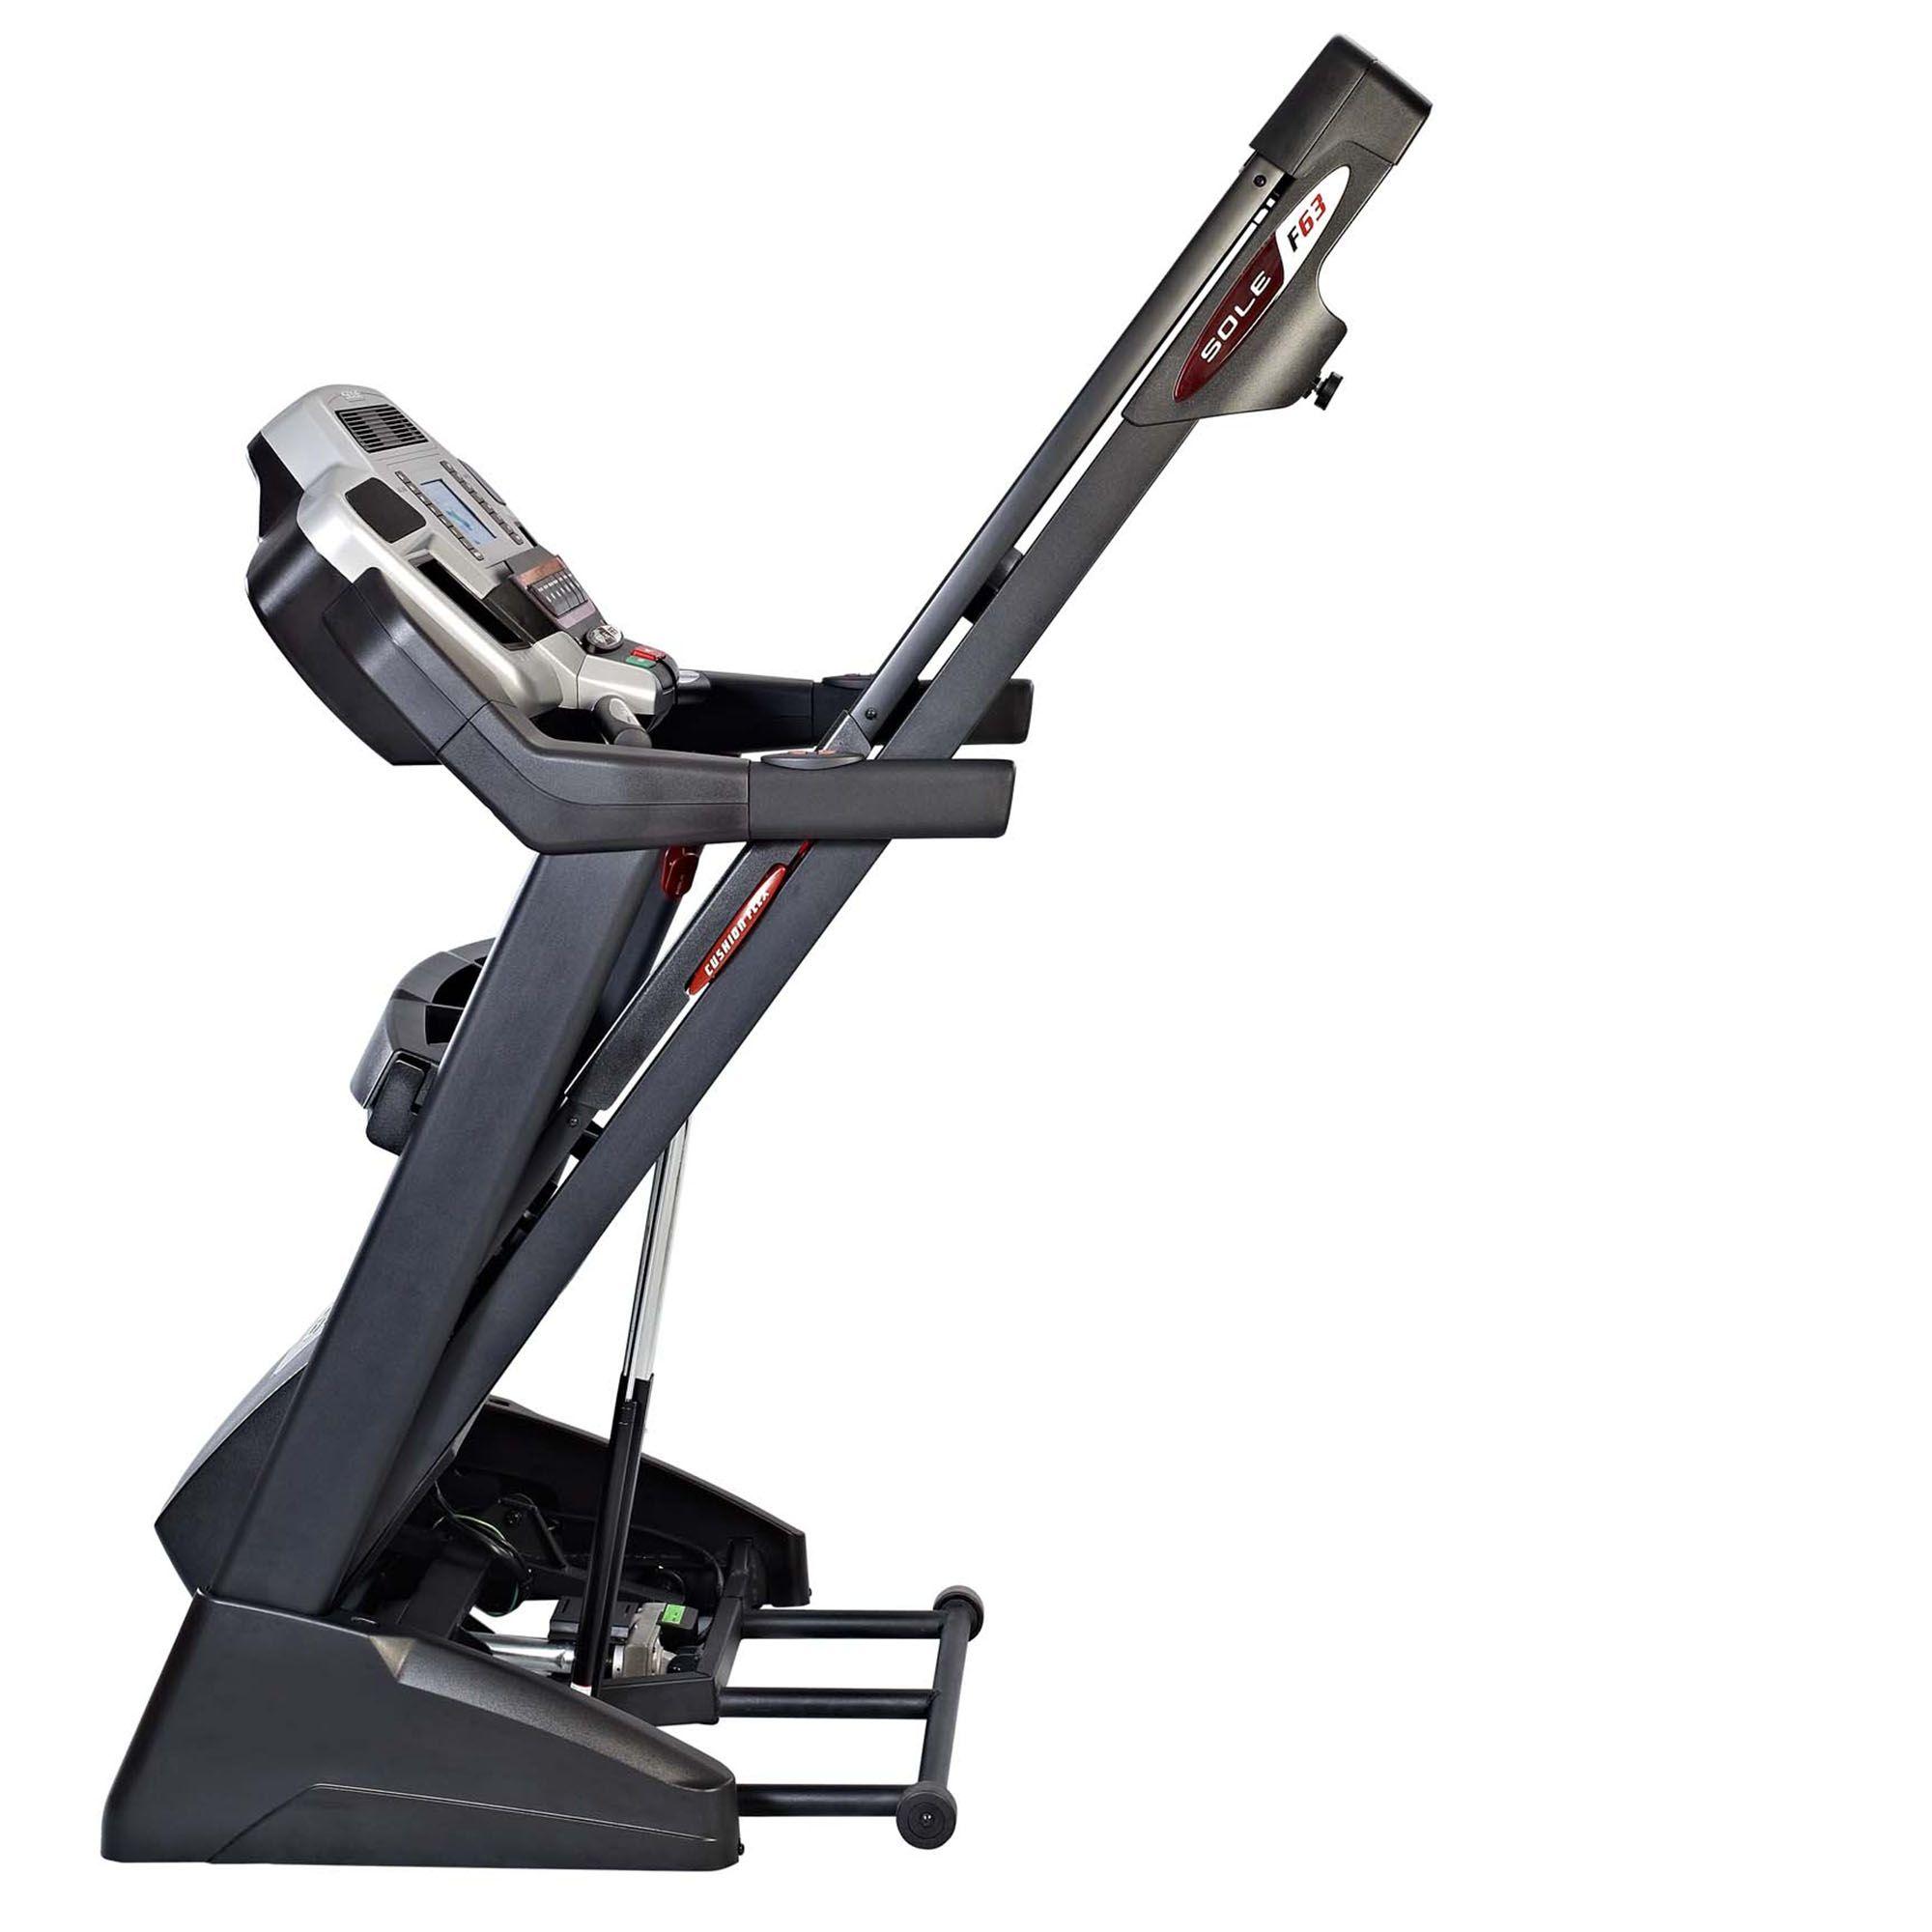 Treadmill Belt Moving Slow: Sole F63 Treadmill